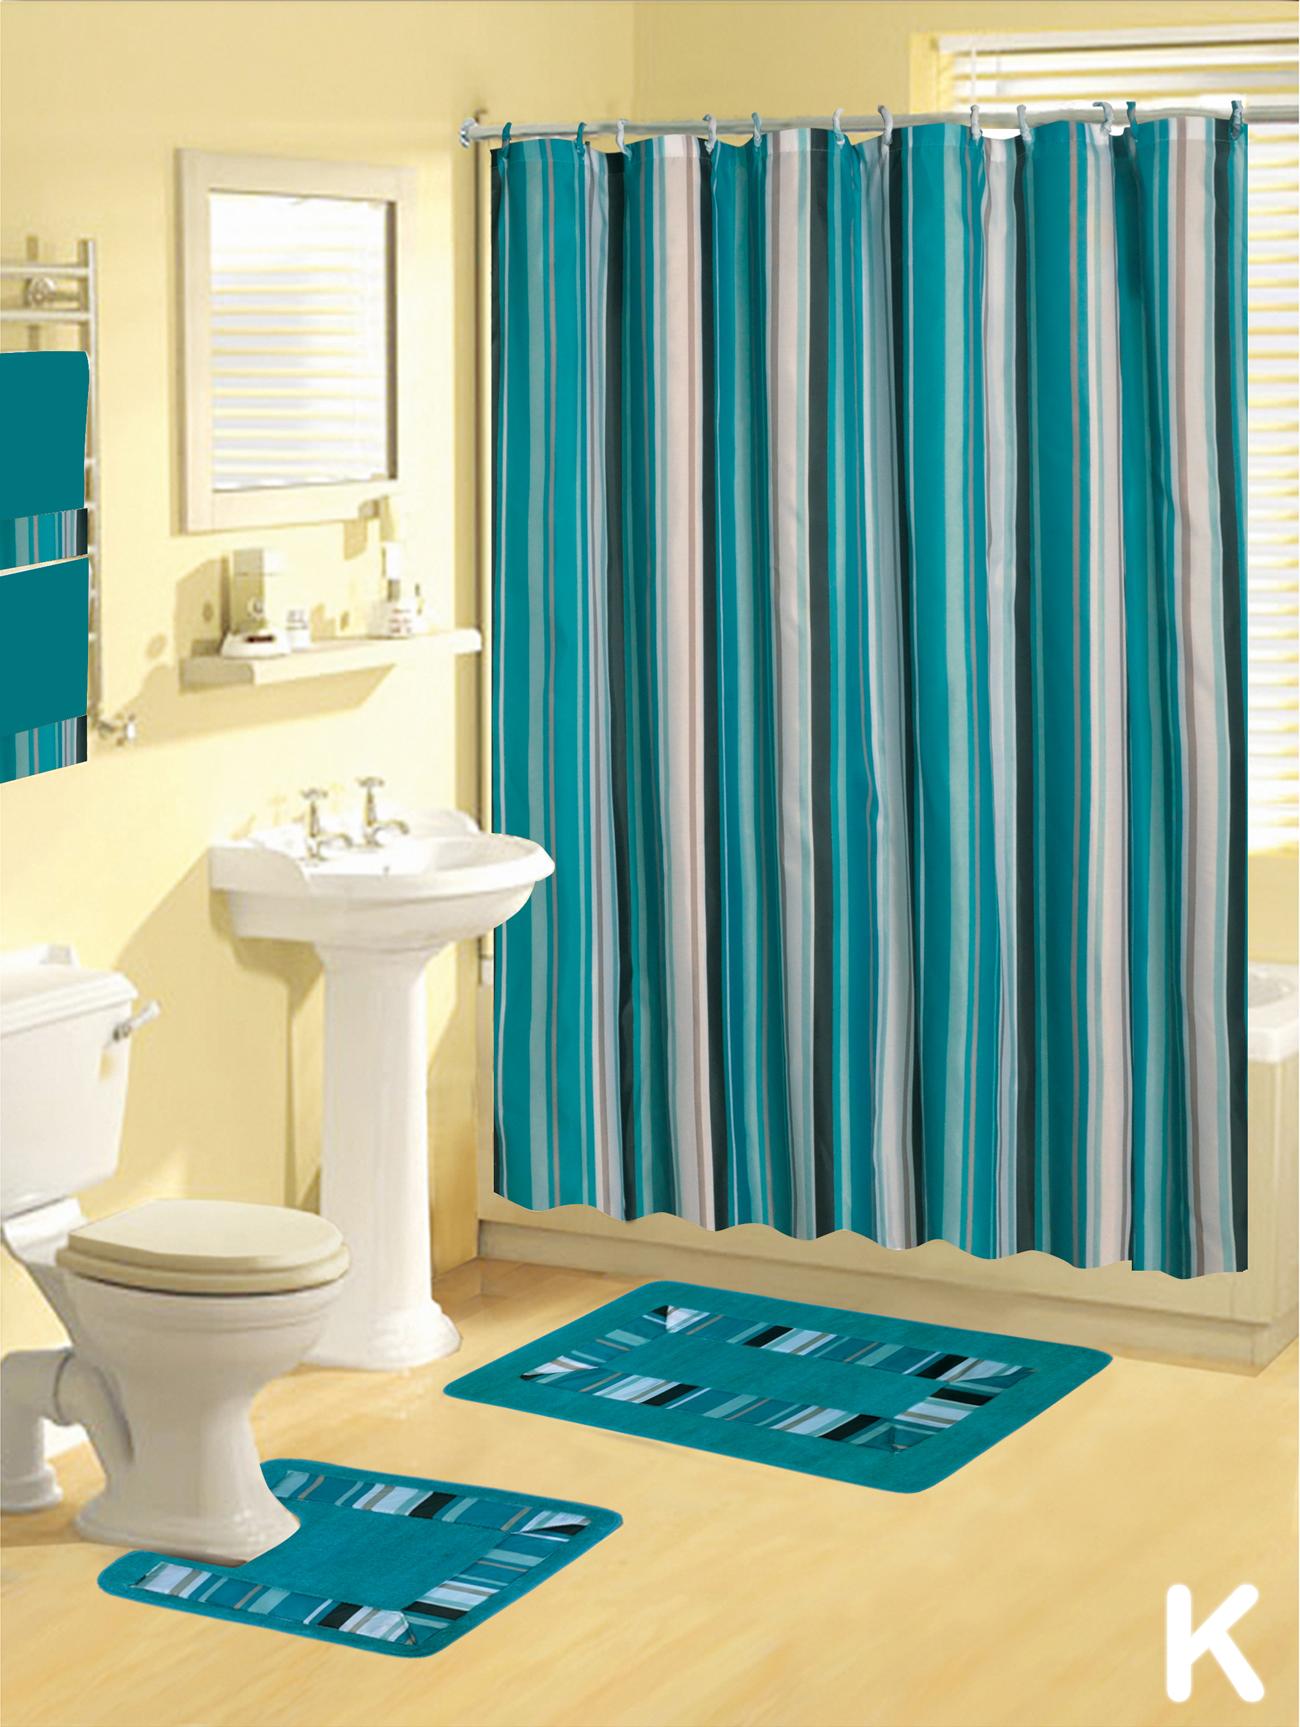 Shower Curtains 17 pcs Set Contemporary Bath Mat Contour ...